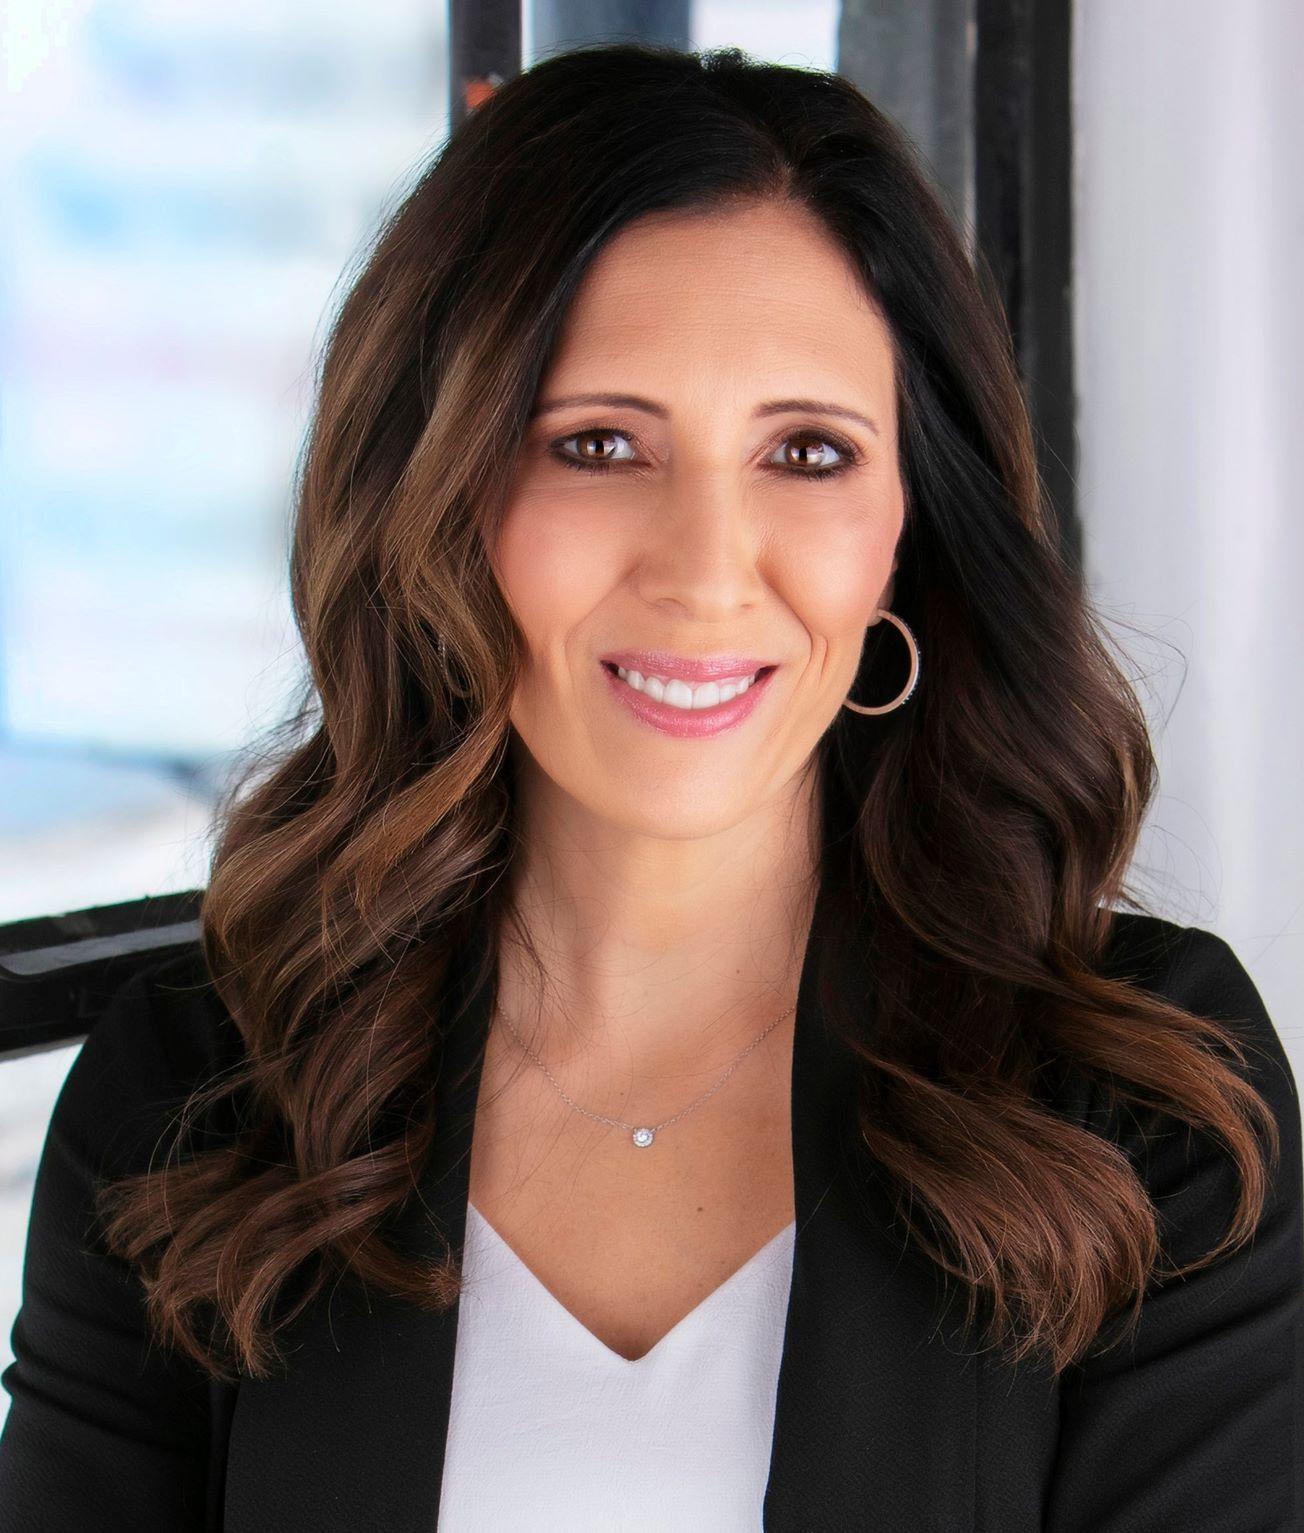 Angela Lofton